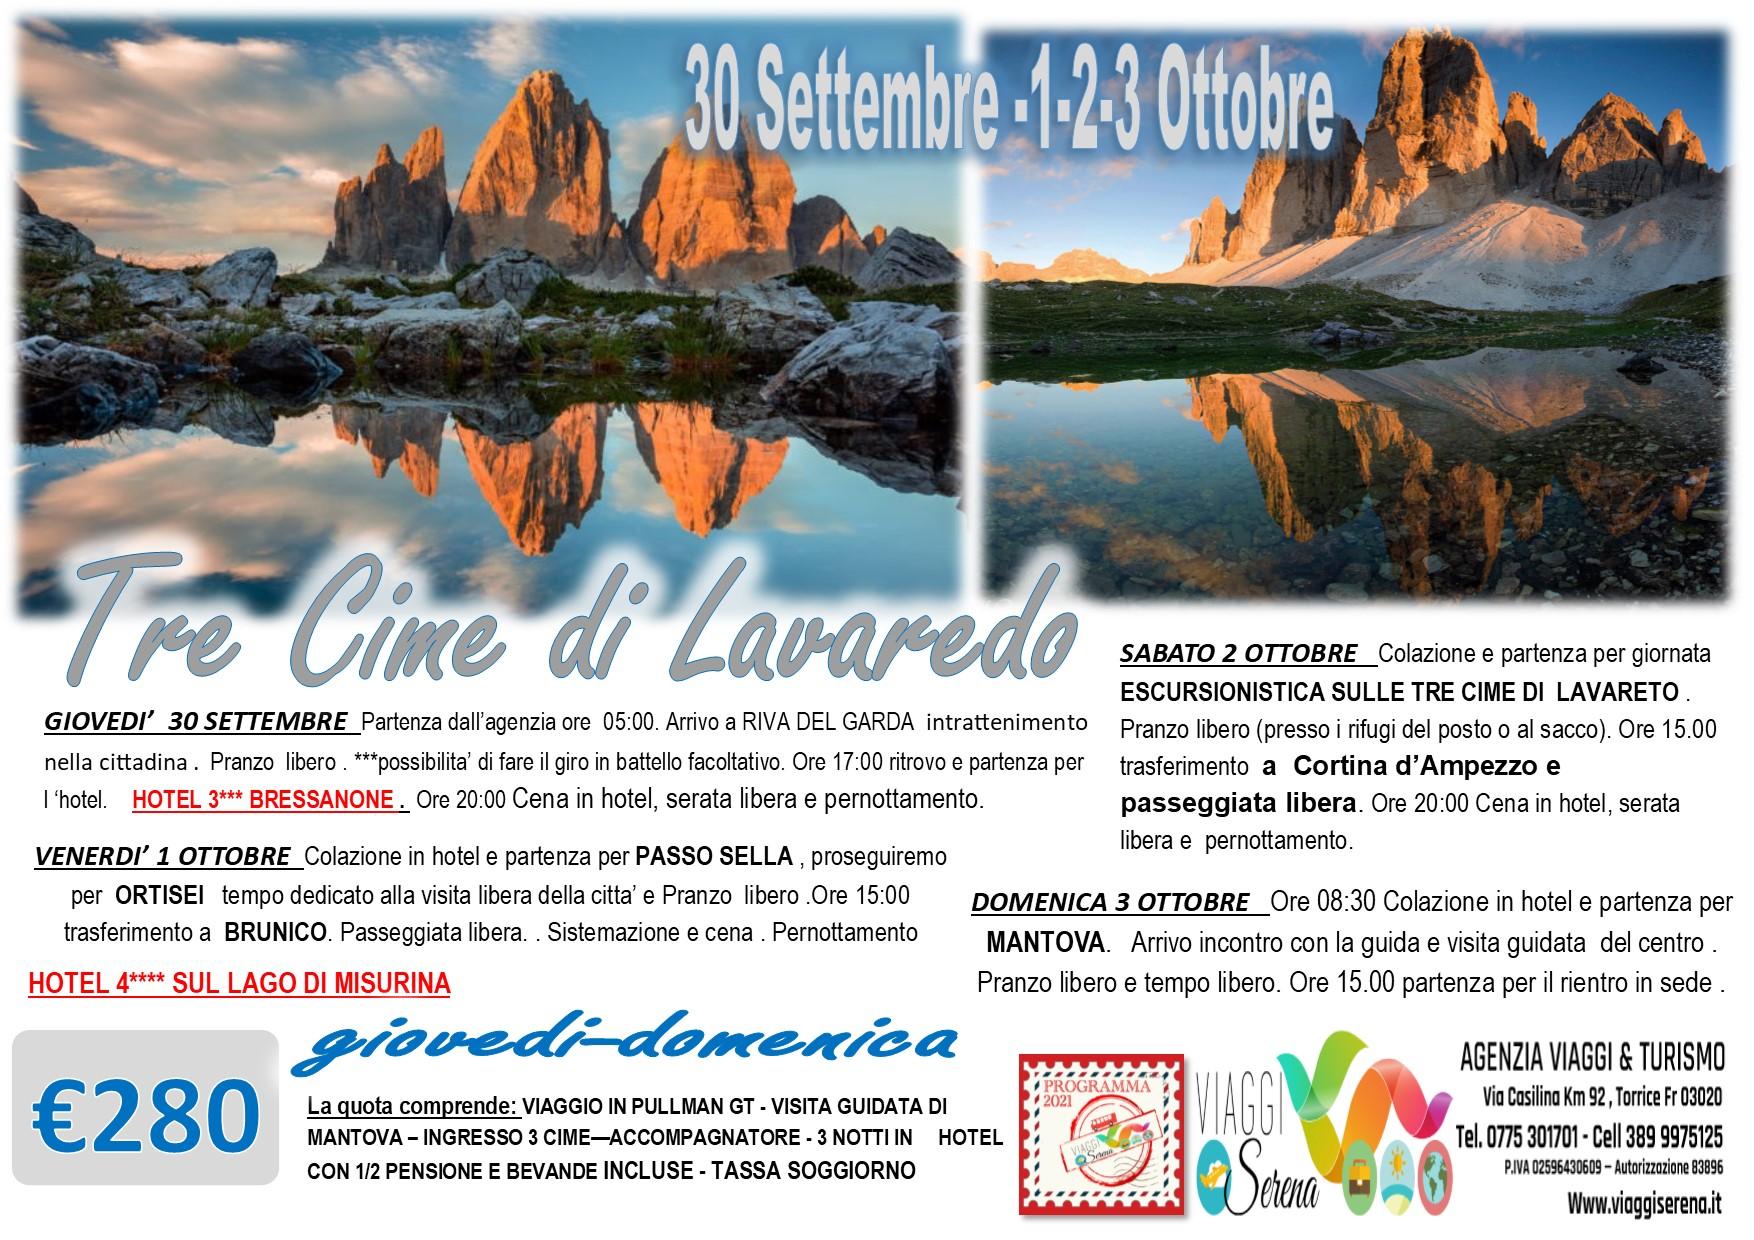 Viaggi di Gruppo: Tre Cime di Lavaredo, Passo Sella, Ortisei, Mantova  & Riva del Garda 30 Settembre 1-2-3 Ottobre € 280,00